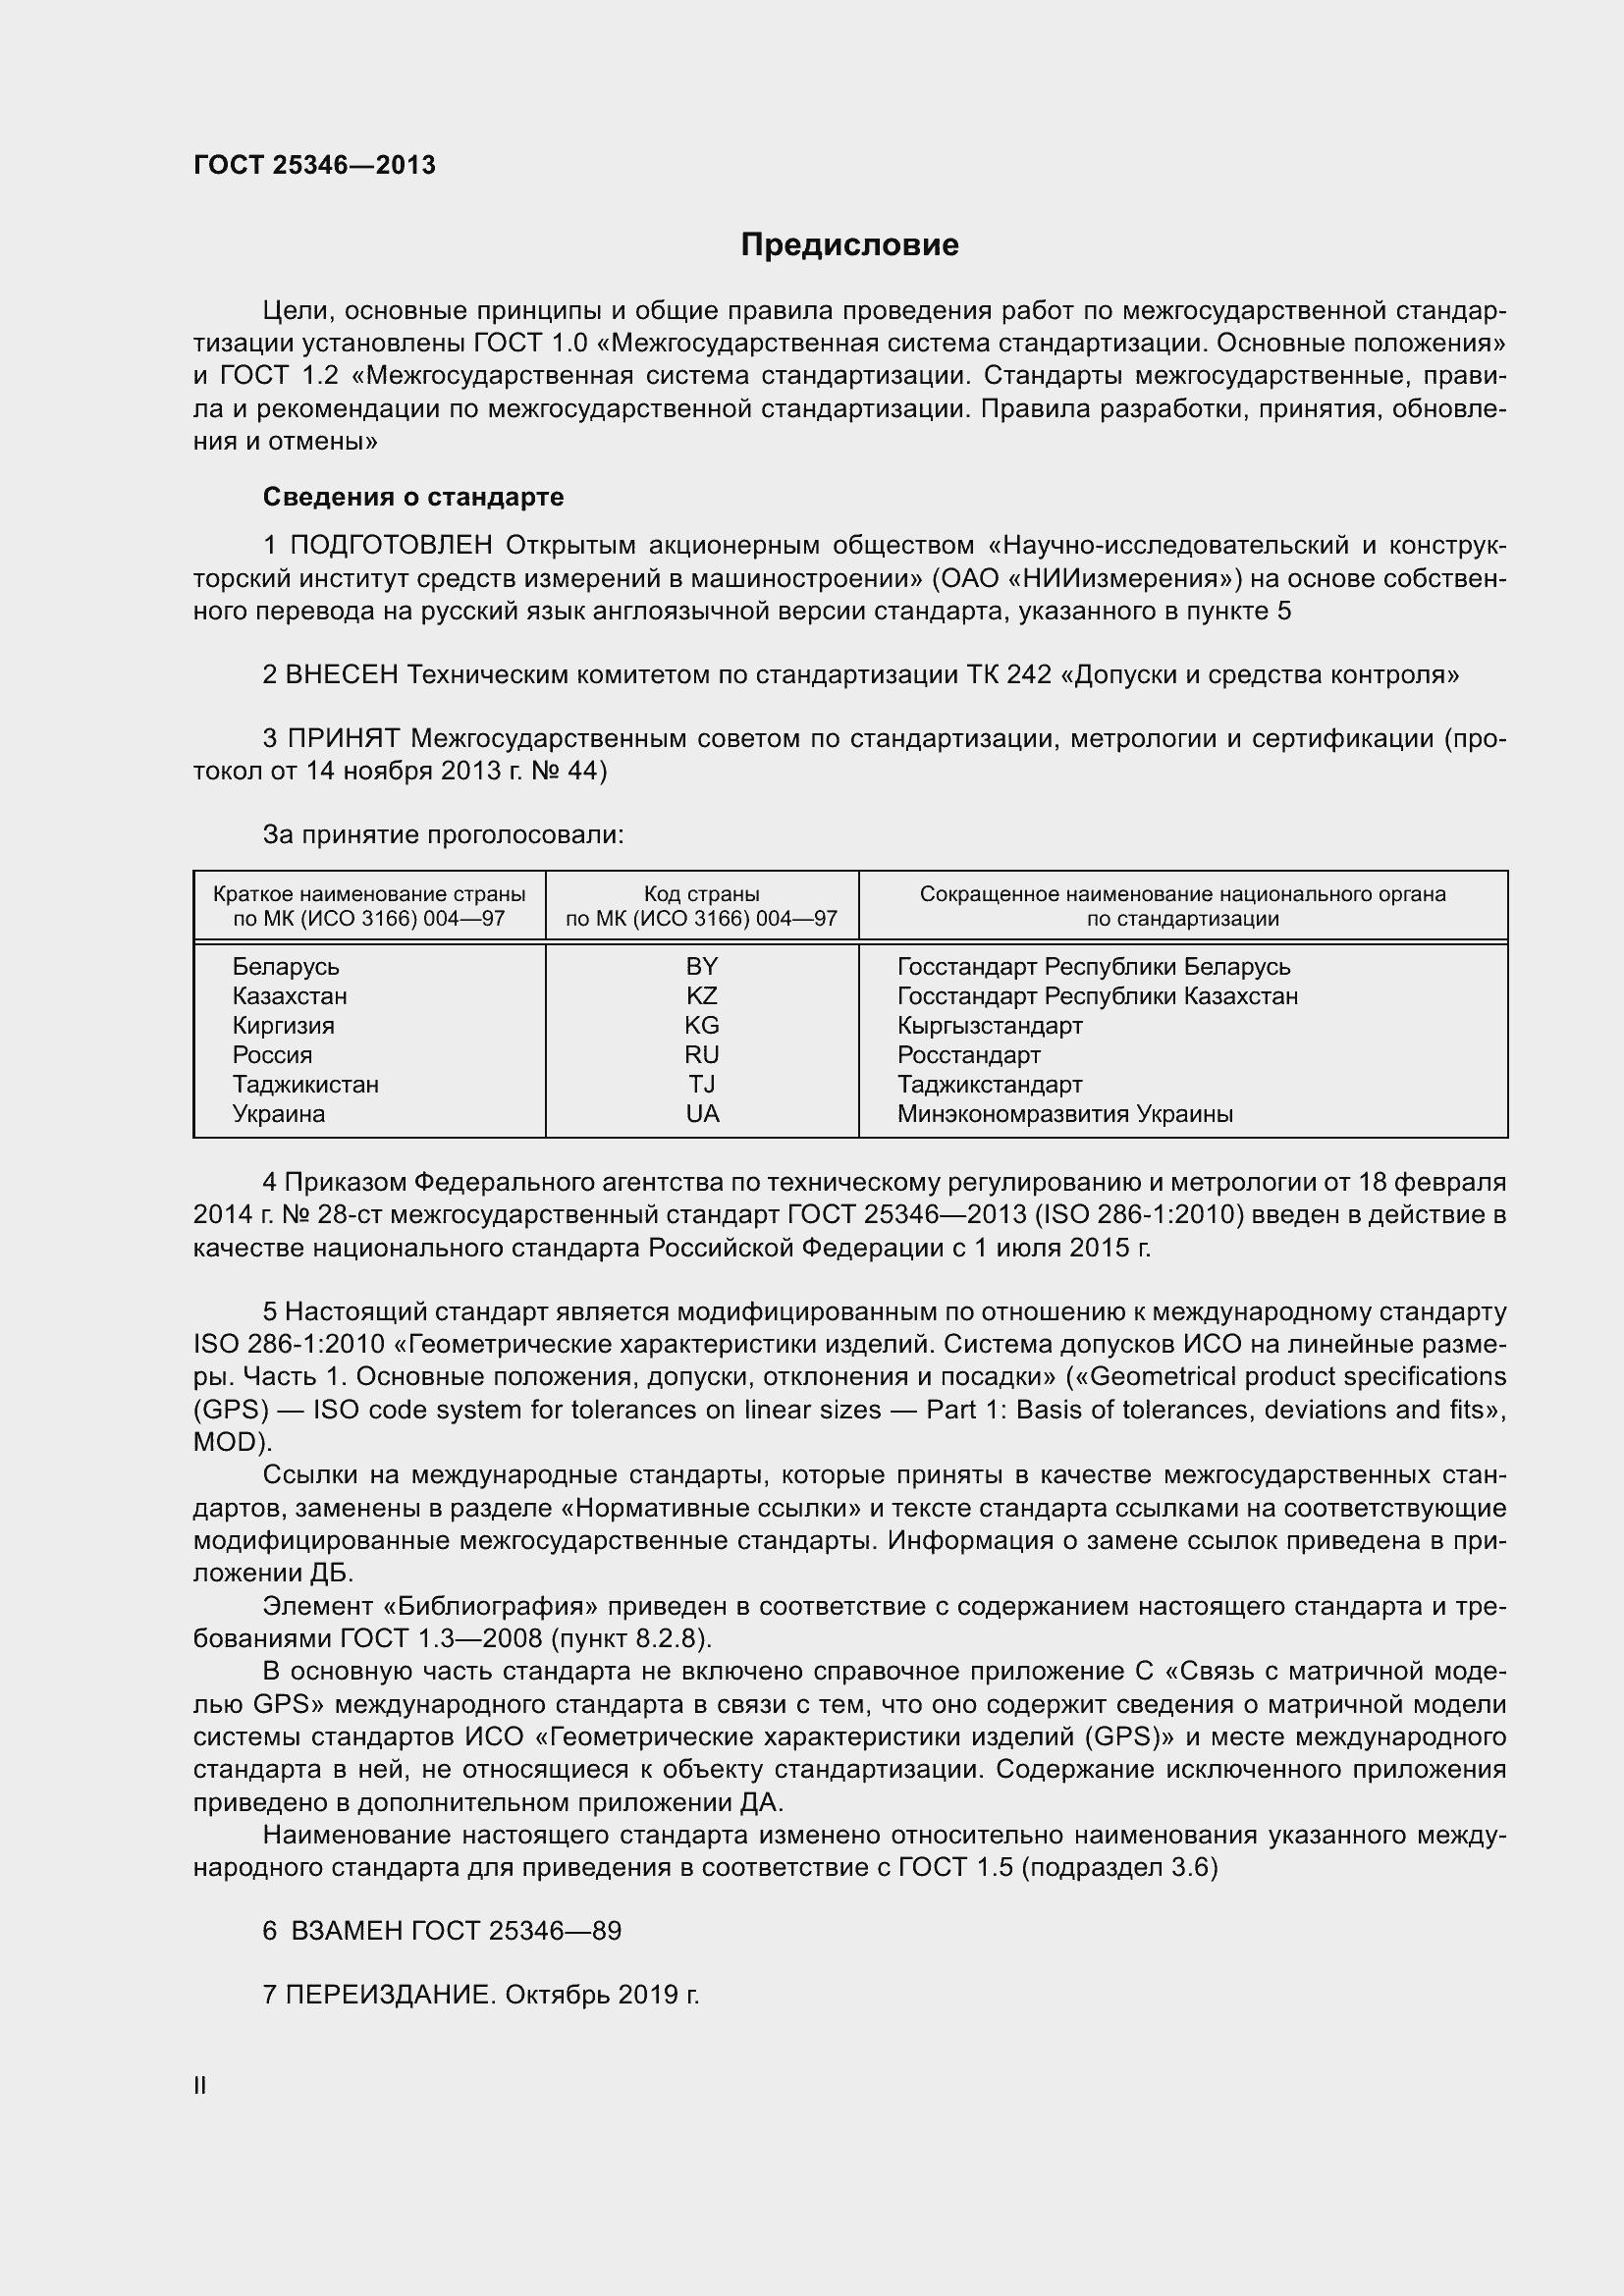 Гост 25346 2018 pdf скачать